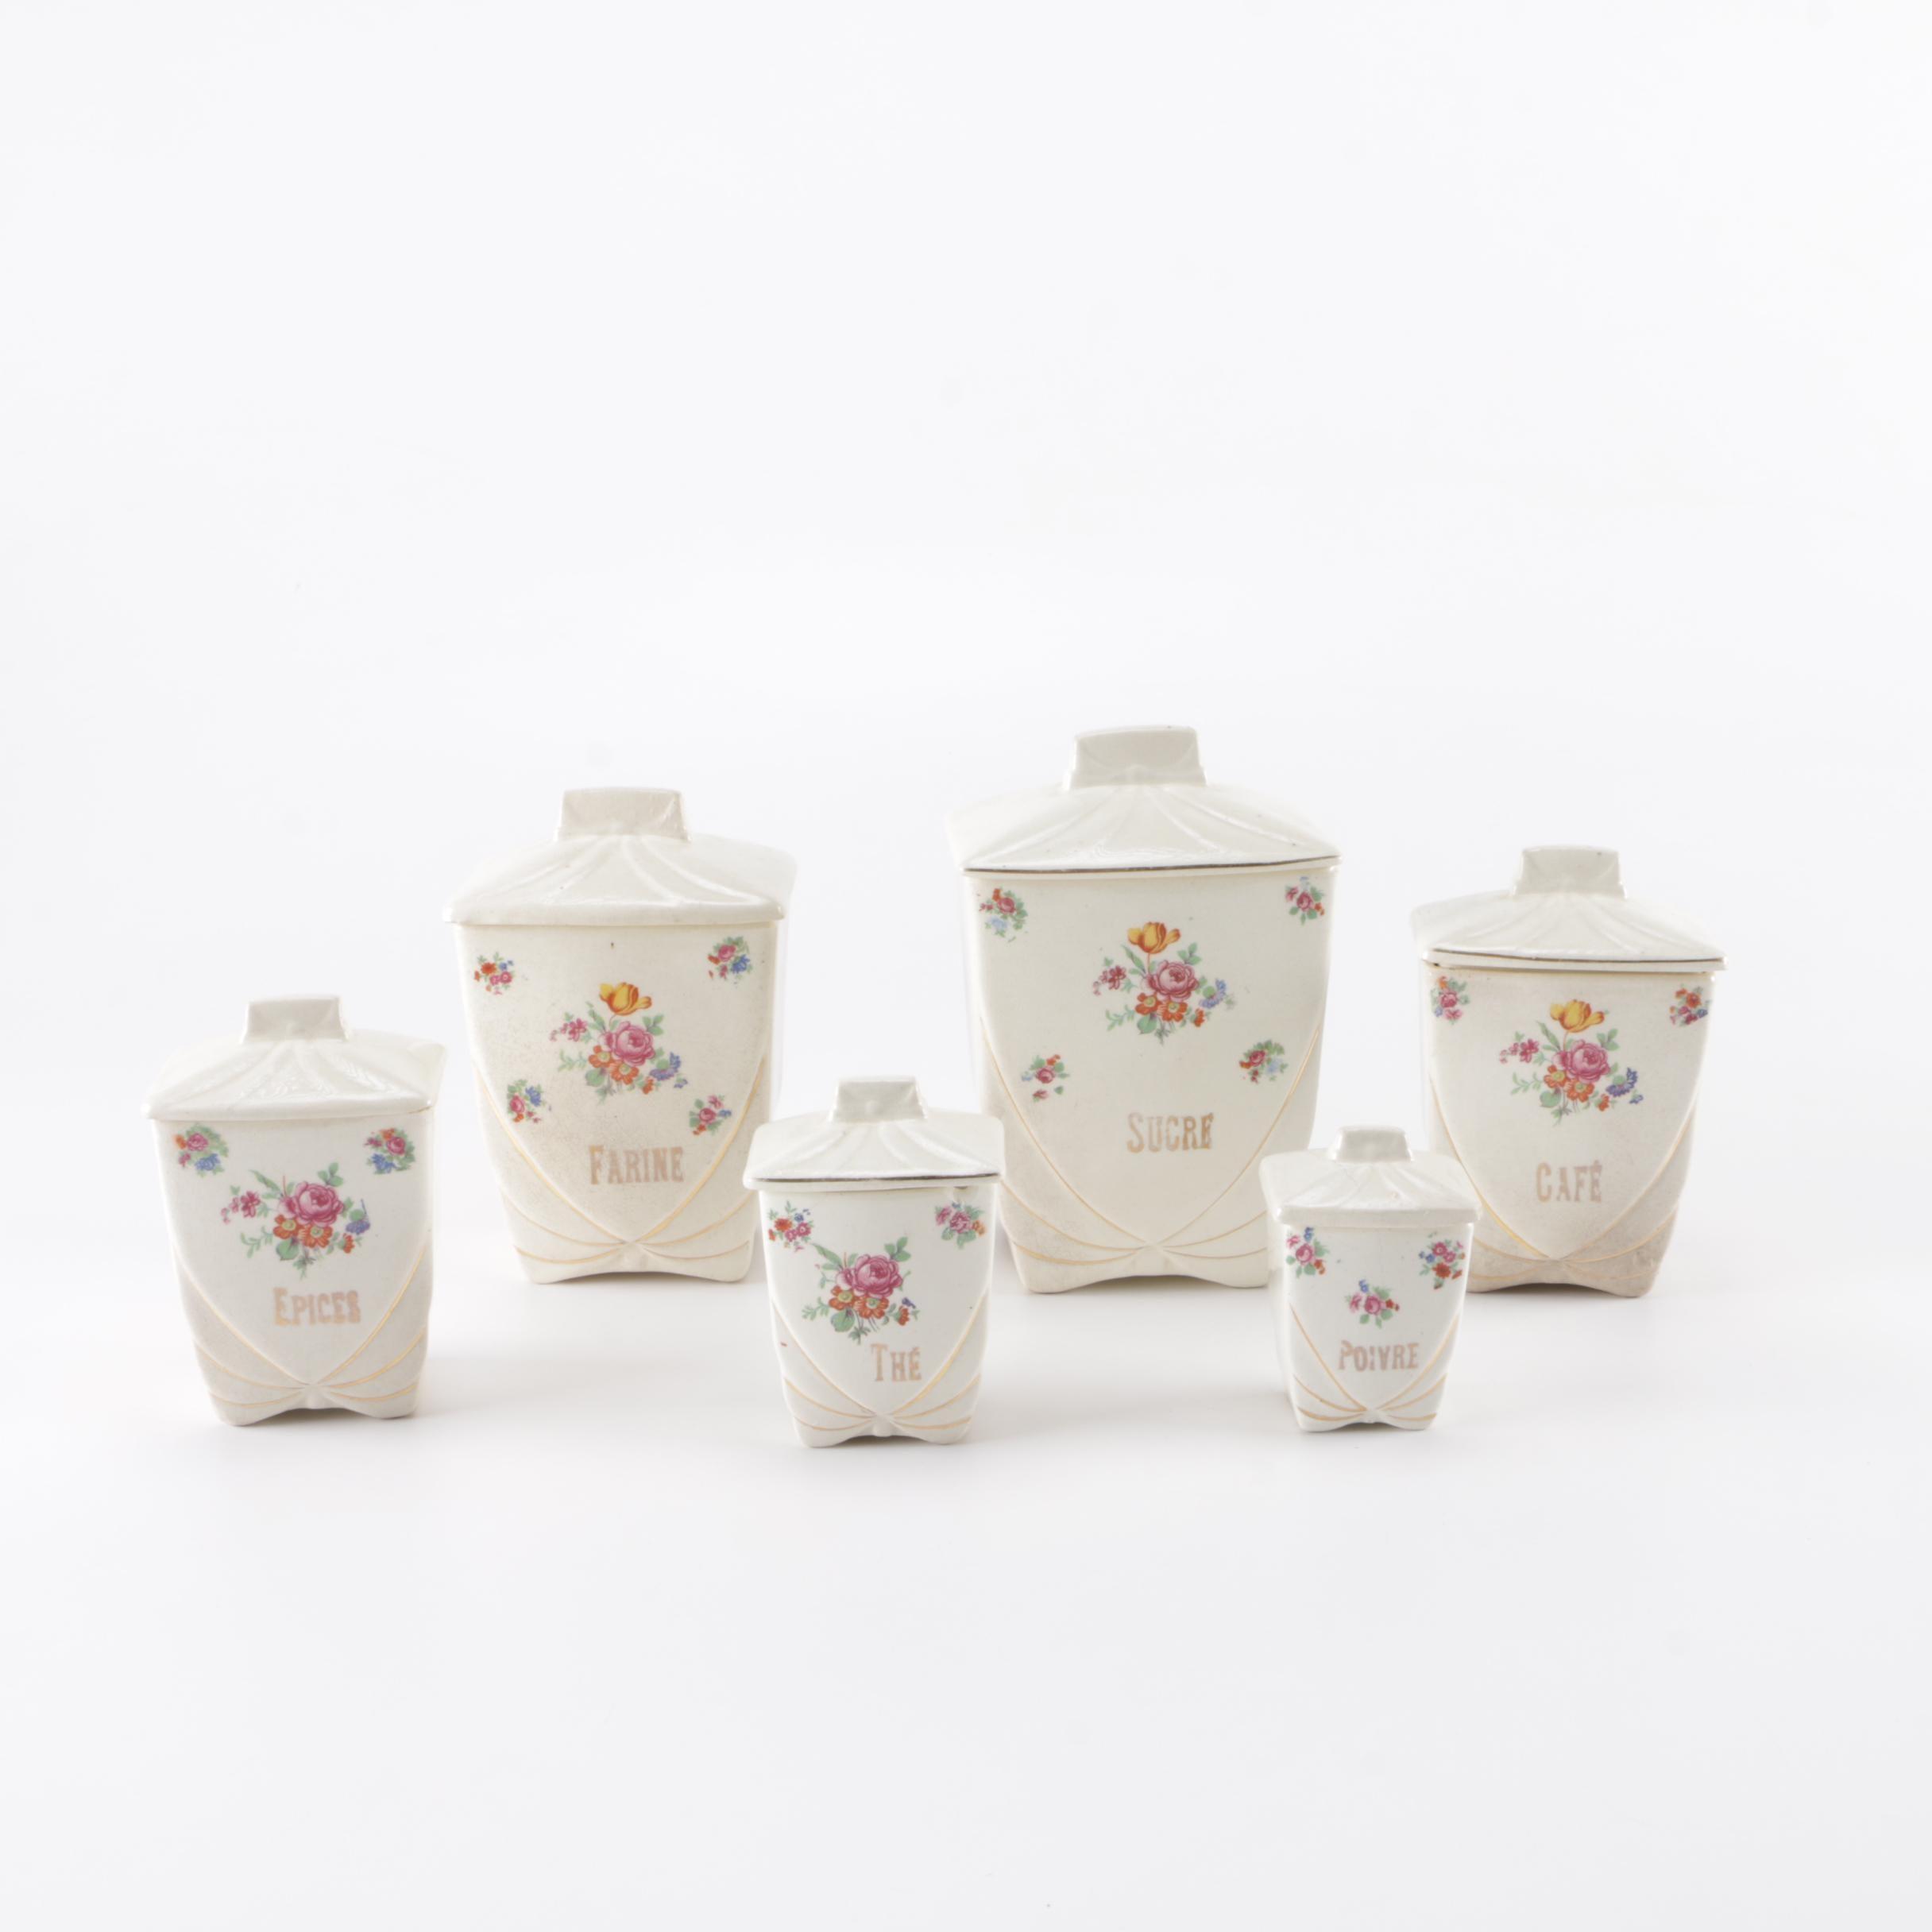 vintage labrut u0026 co ceramic kitchen canister set ebth